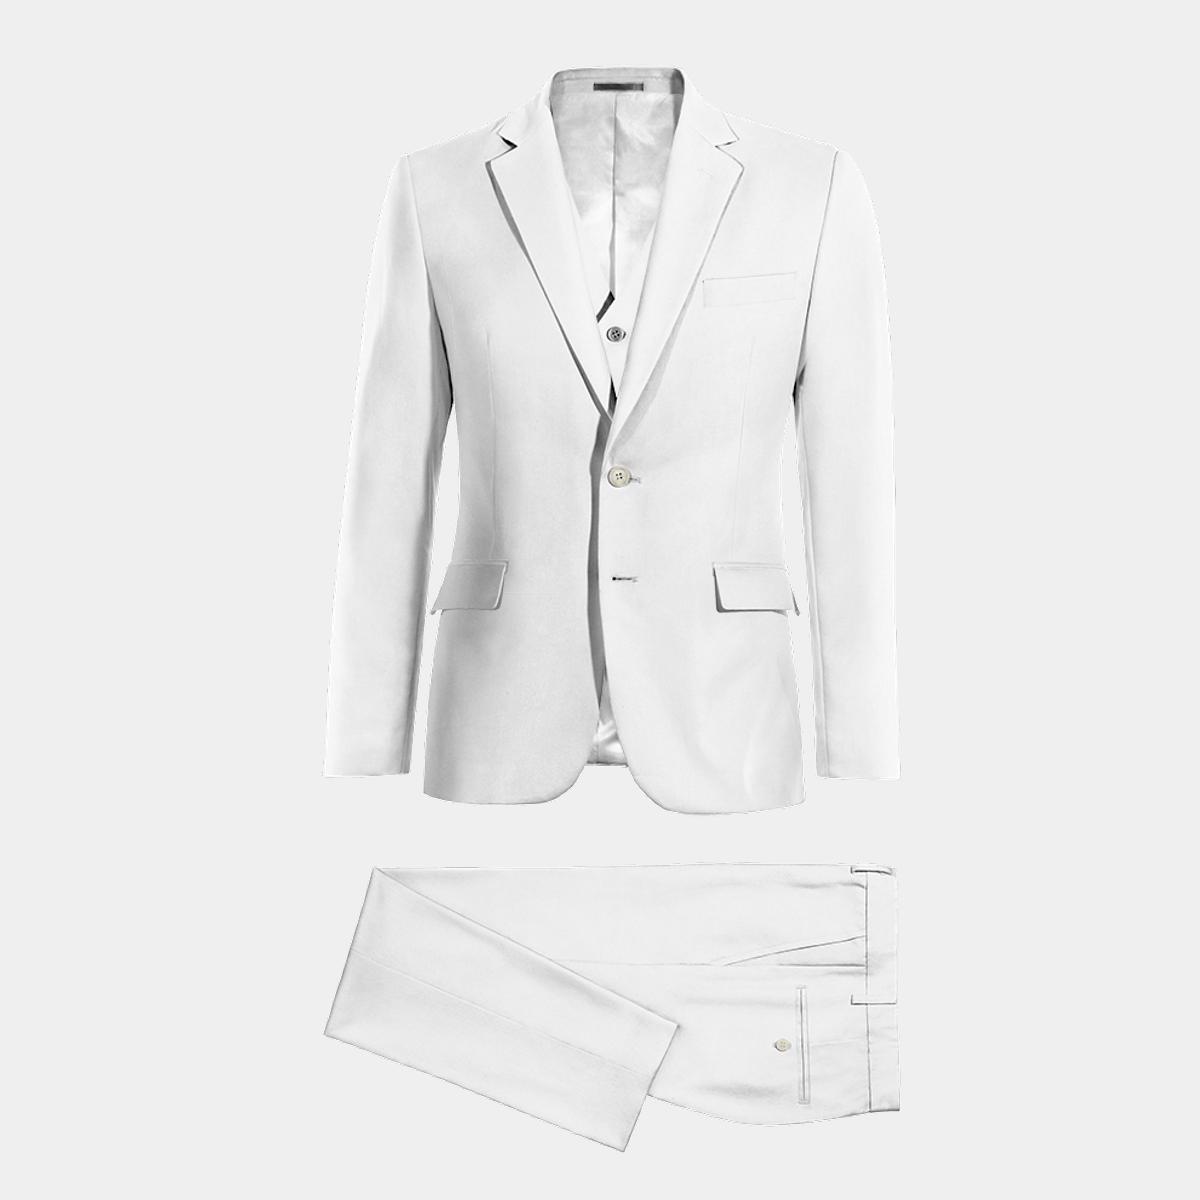 Traje blanco 3 piezas de Lino 249€ - Ibiza  d94a17b5219